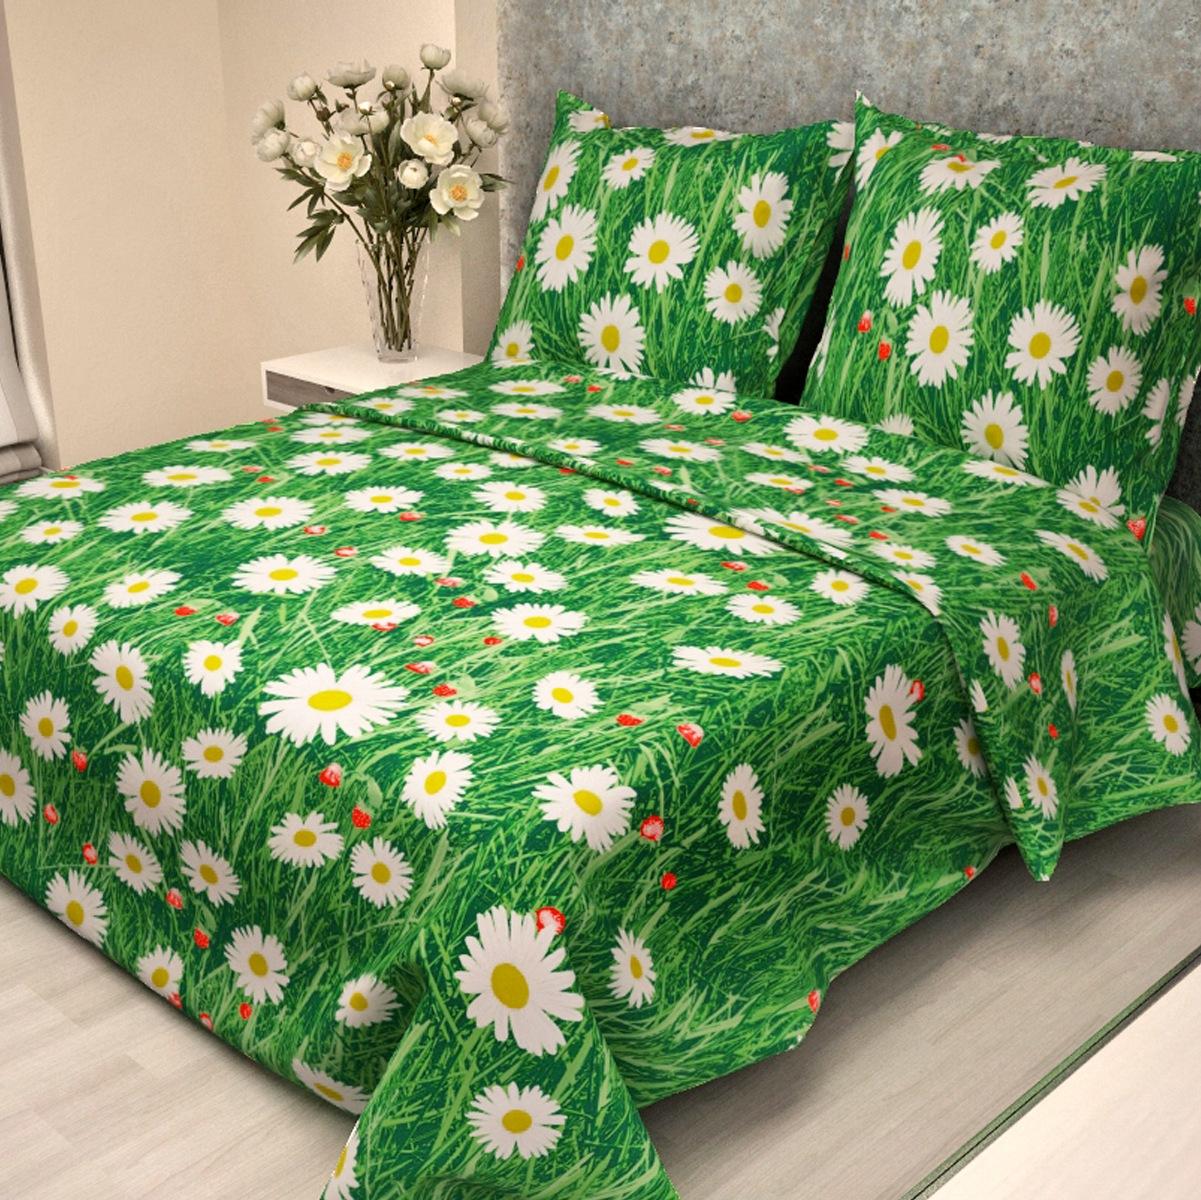 """Комплект постельного белья Letto """"Традиция"""", 1,5 спальный, наволочки 70 x 70 см, цвет: зеленый. B116-3"""